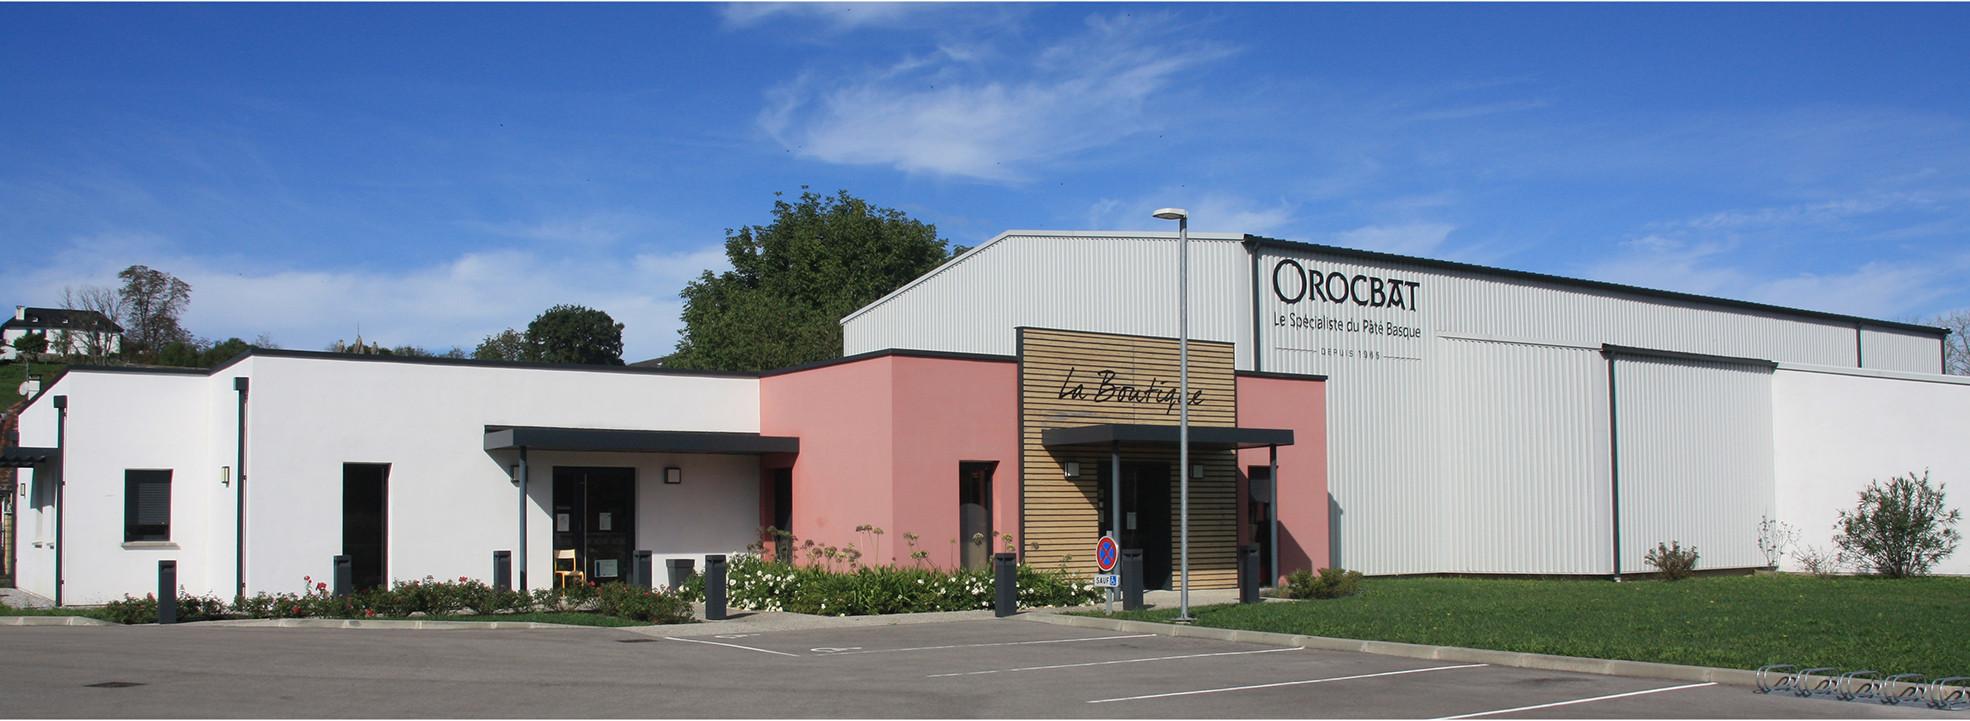 Edificio y almacén de OROCBAT